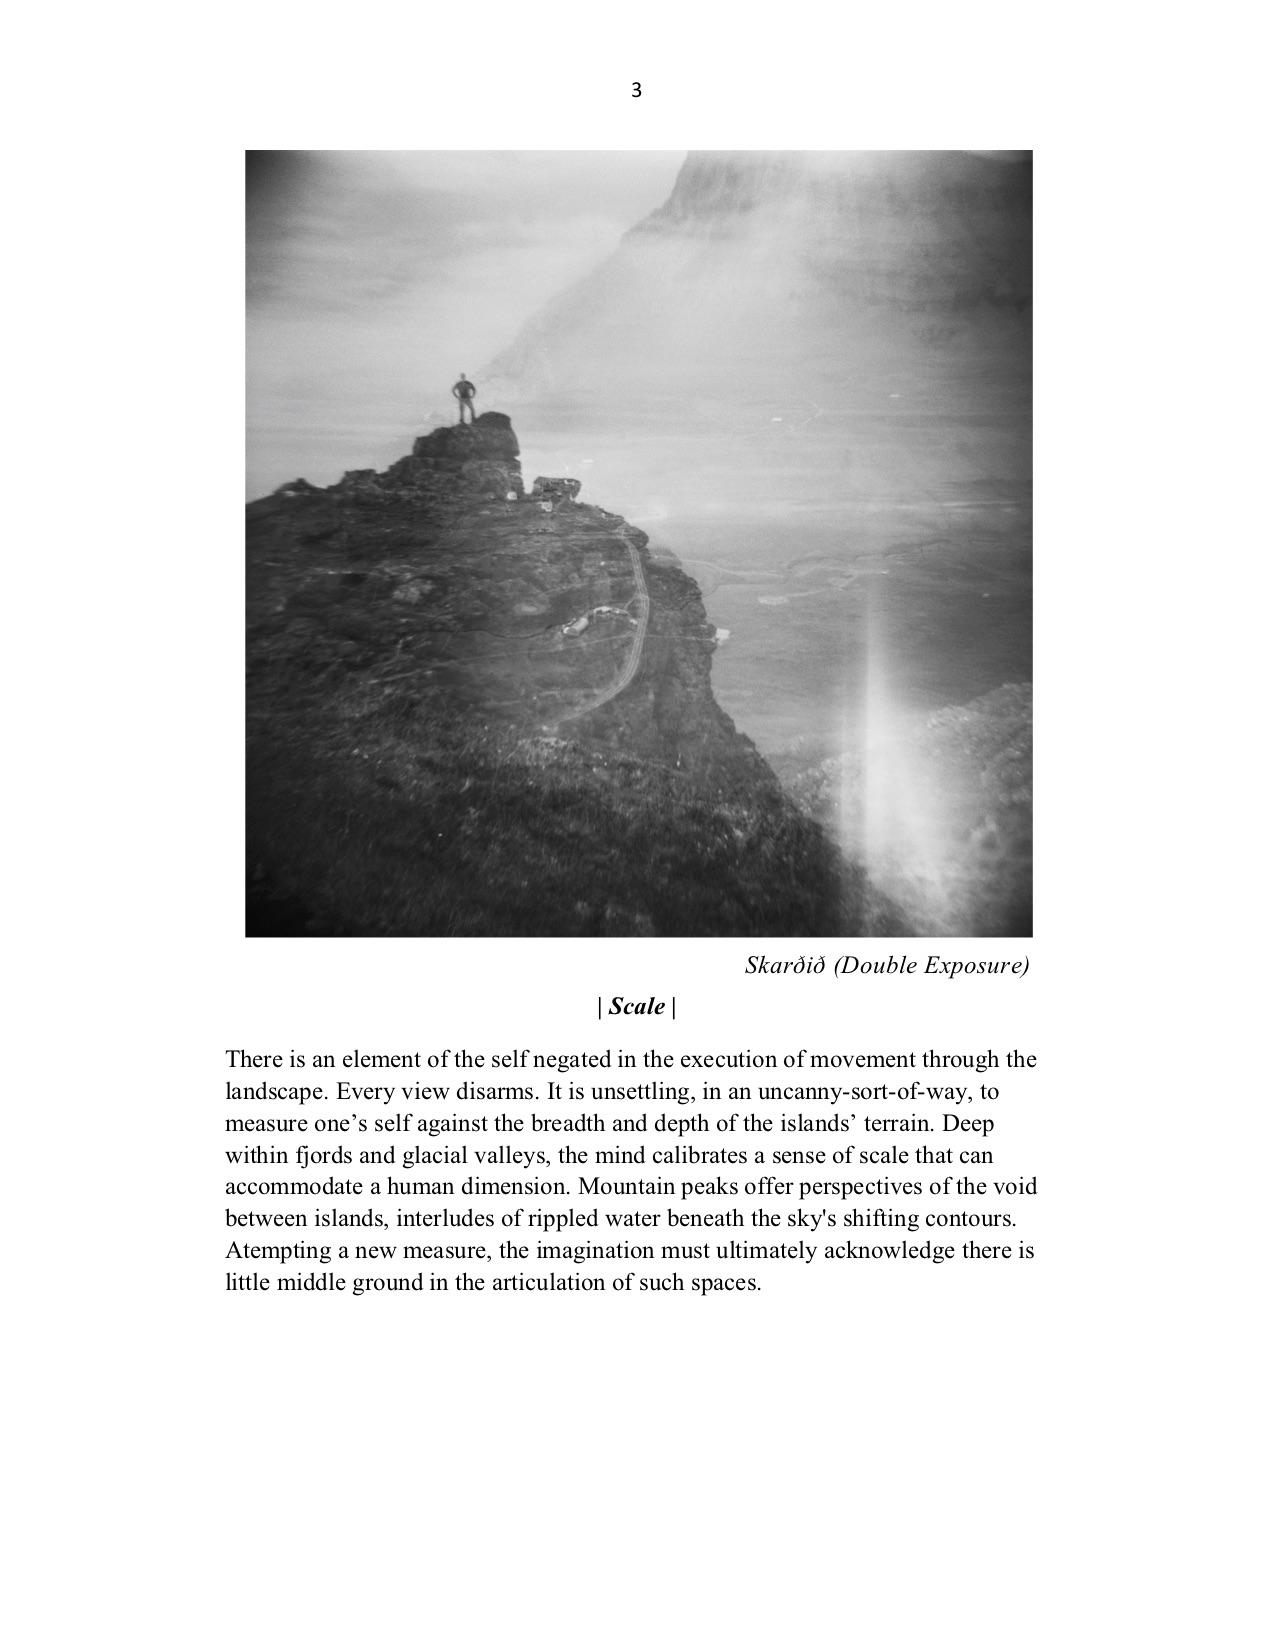 Faroe_Island_Elemental (3).jpg